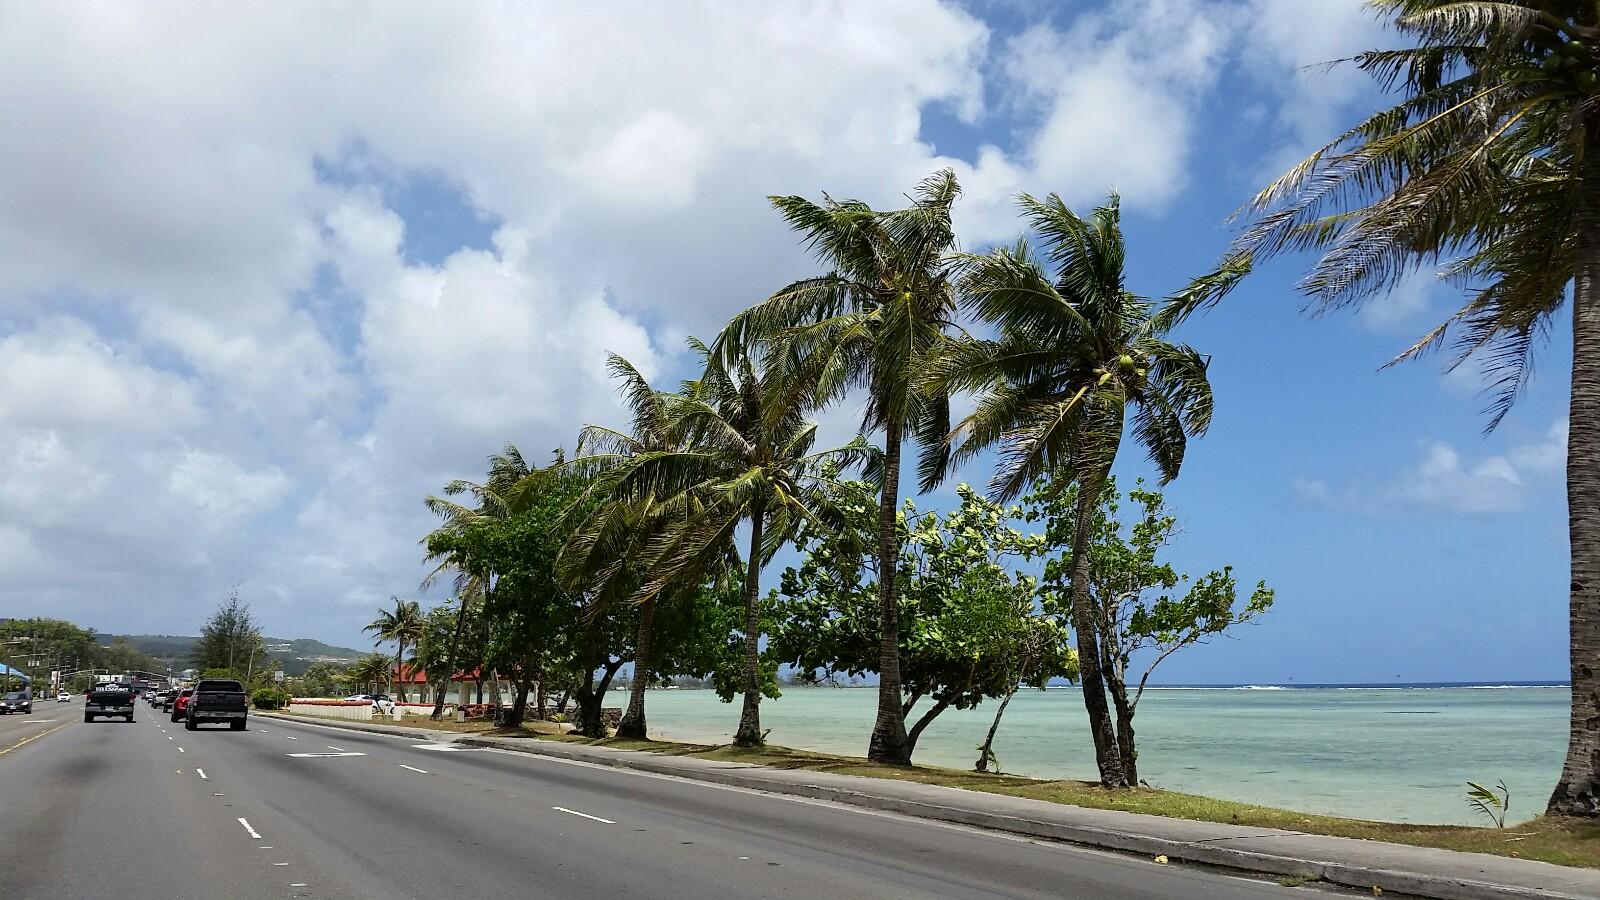 アメリカグアム海沿いの道路マリンドライブ